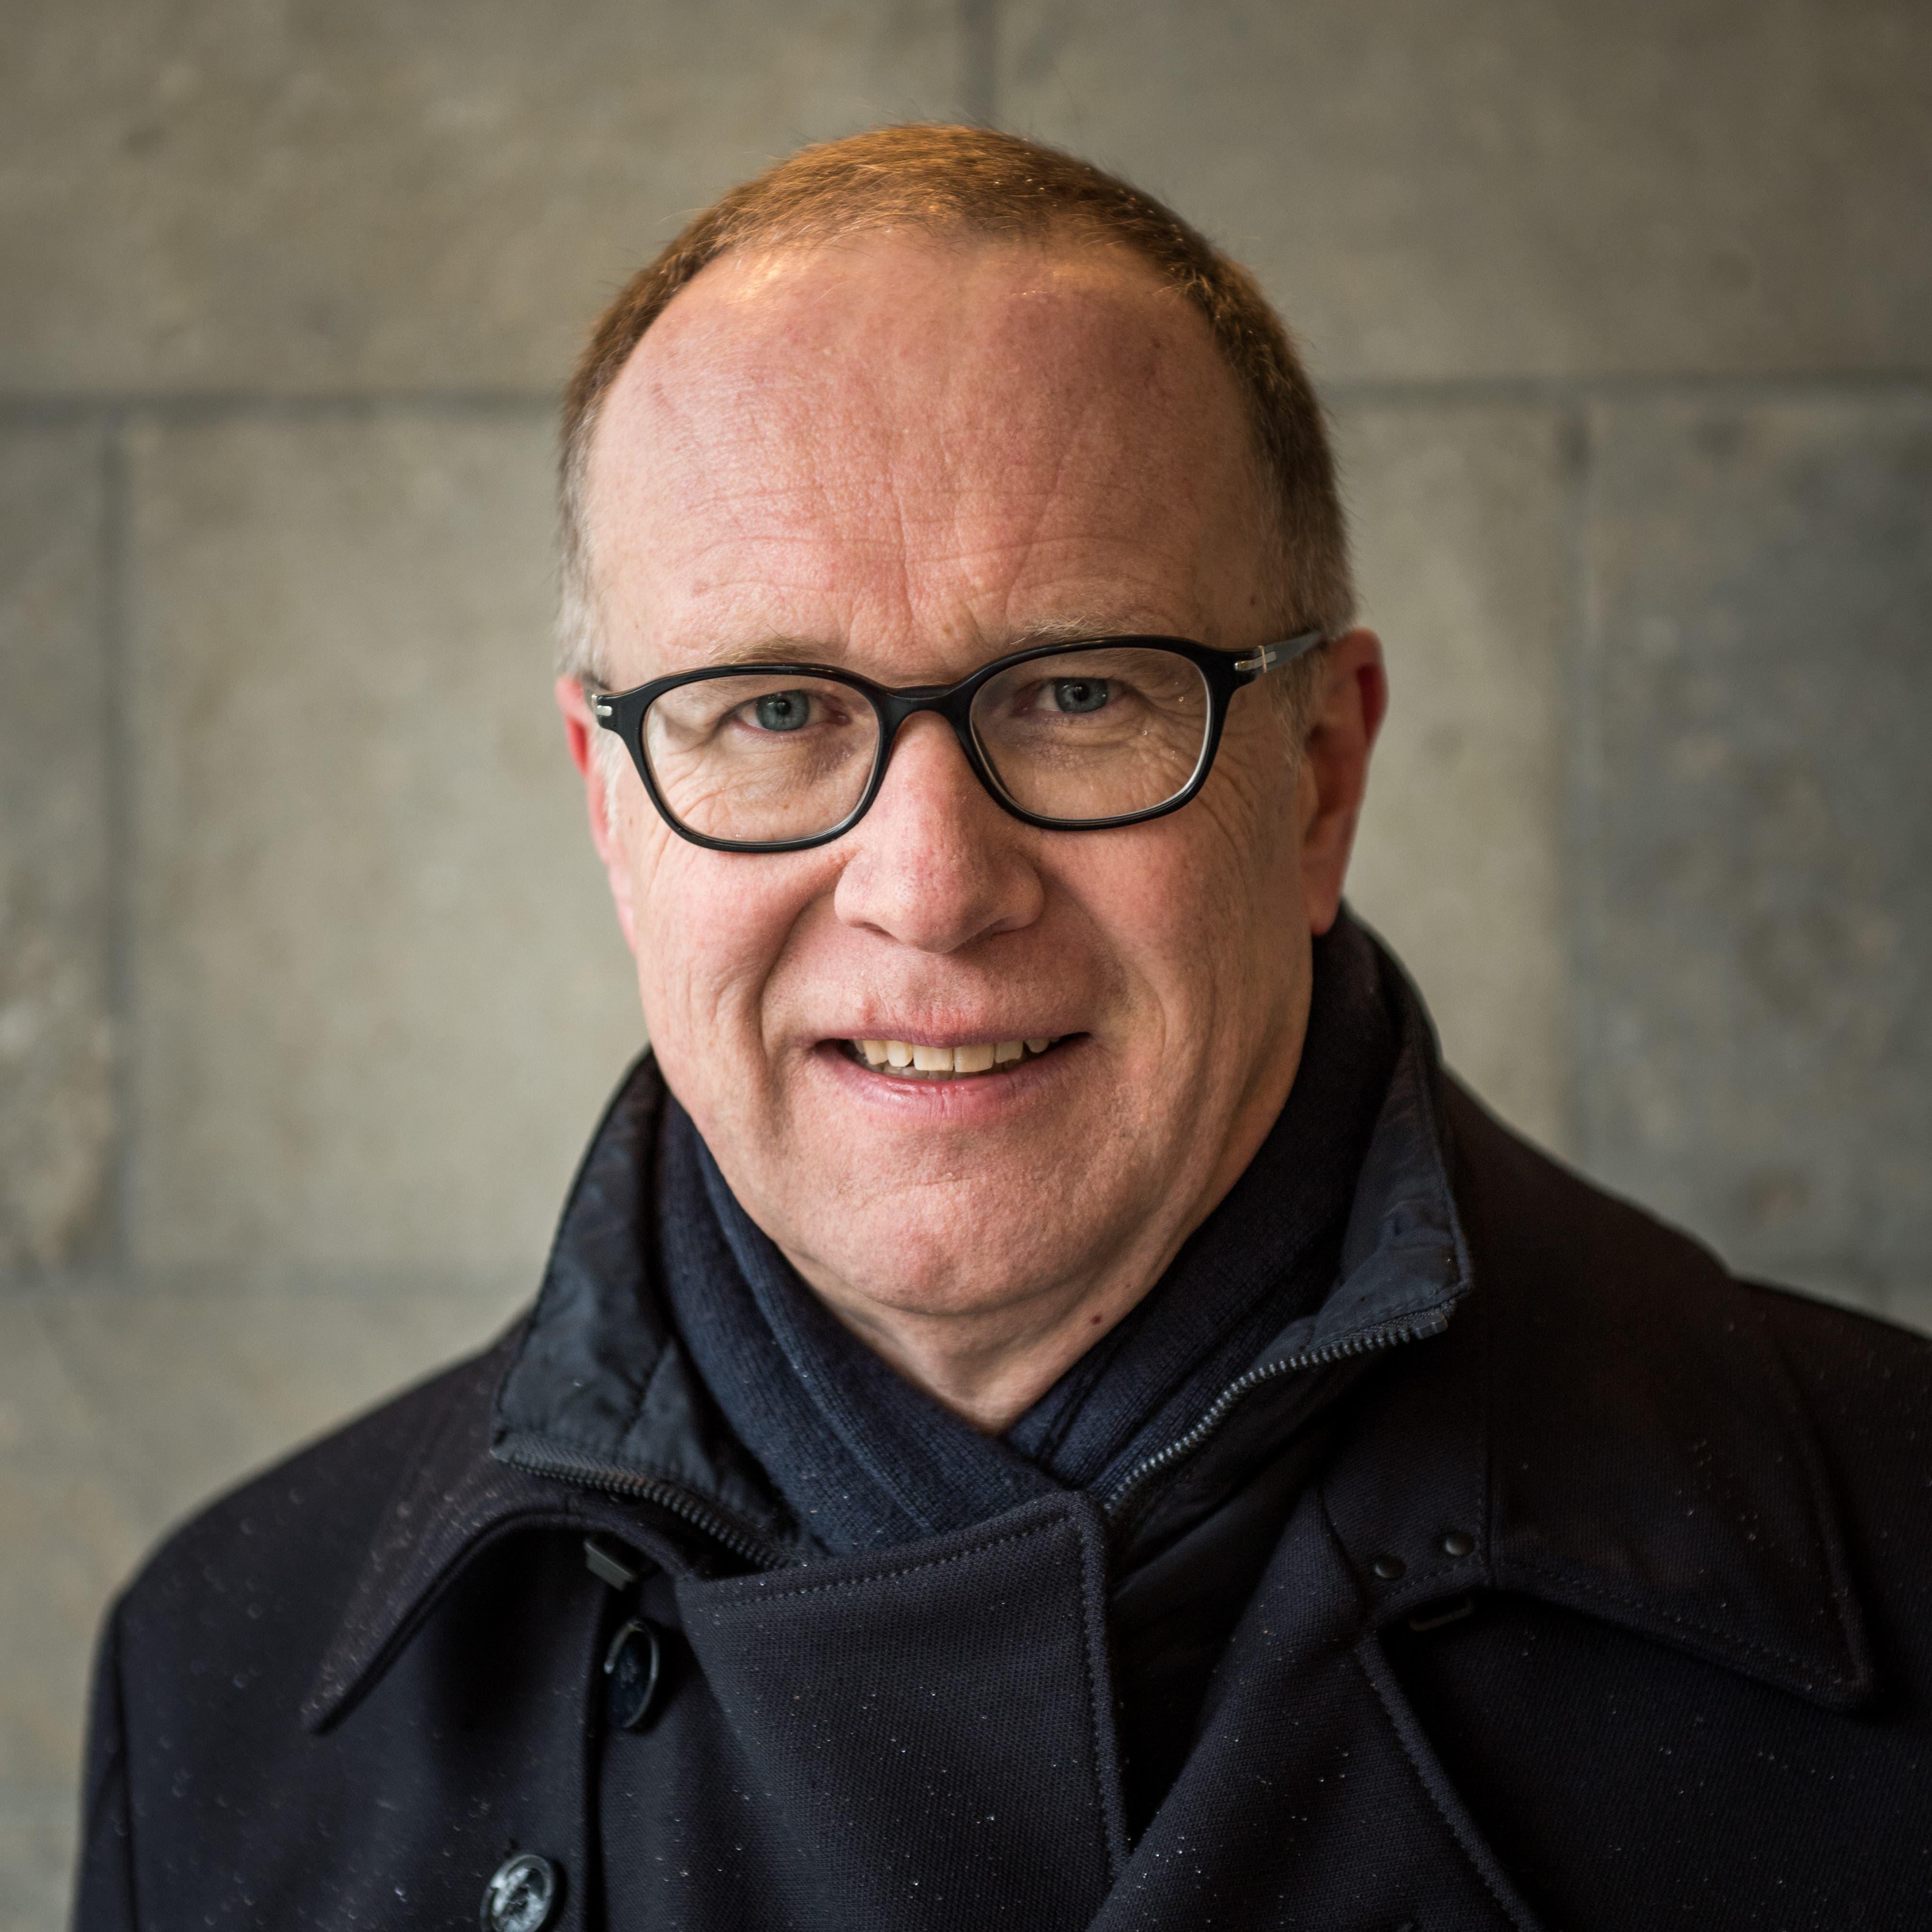 Gewählt mit 10'590 Stimmen: Martin Merki (FDP)